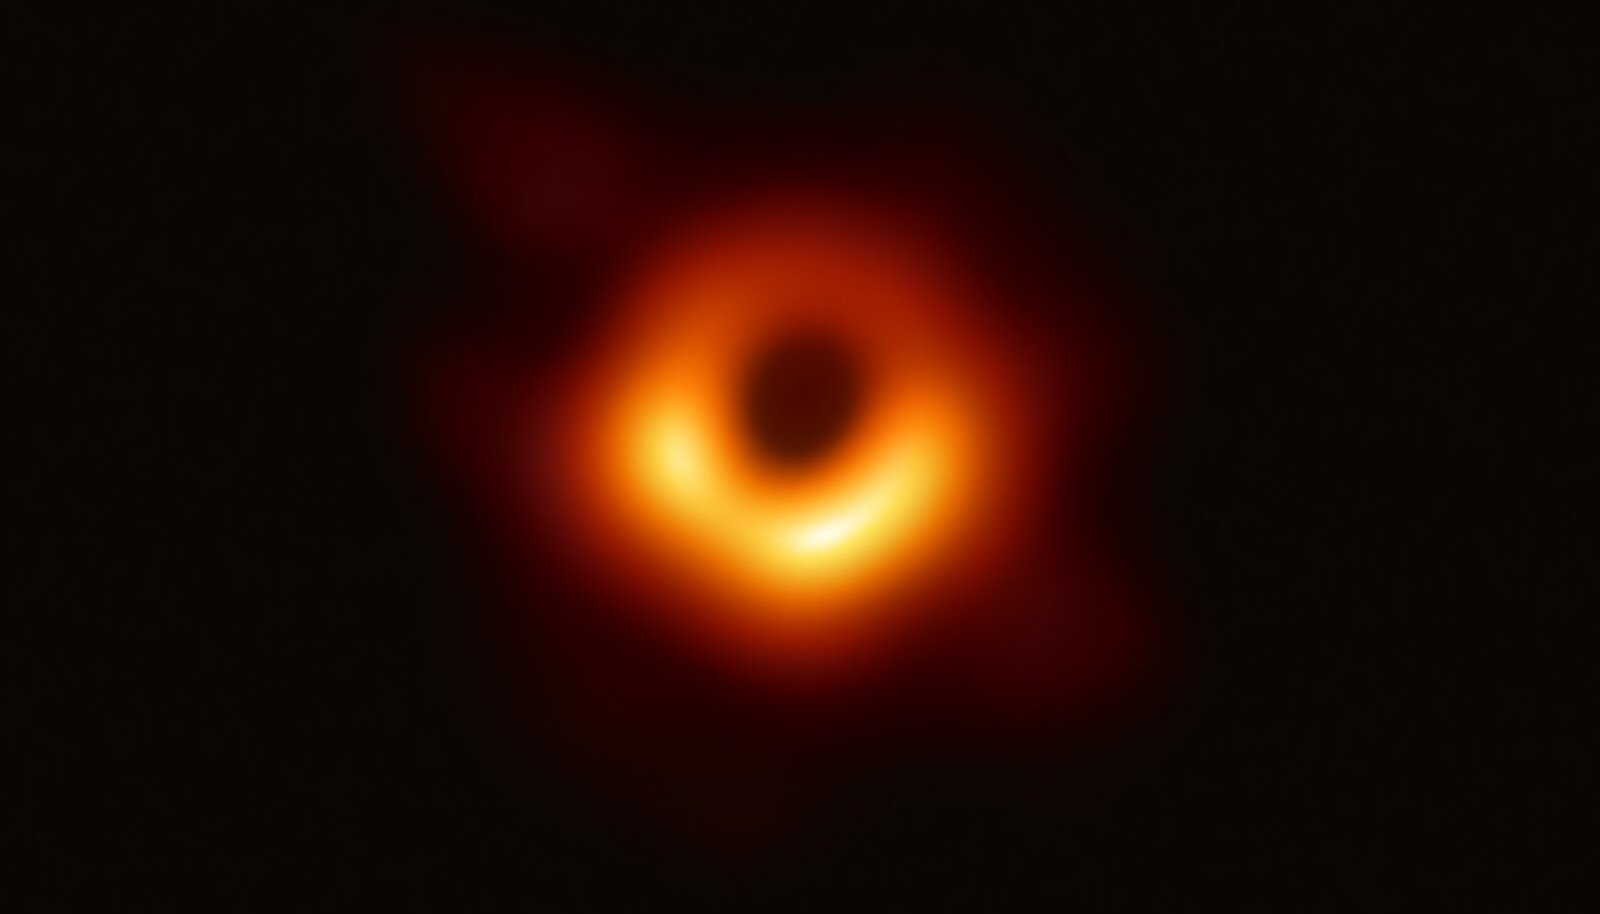 Hiljuti valmis spetsiaalselt musta augu pildistamiseks loodud EHT-teleskoobi abil esimene pilt mustast august (ja selle varjust). / Wikimedia Commons / ESO